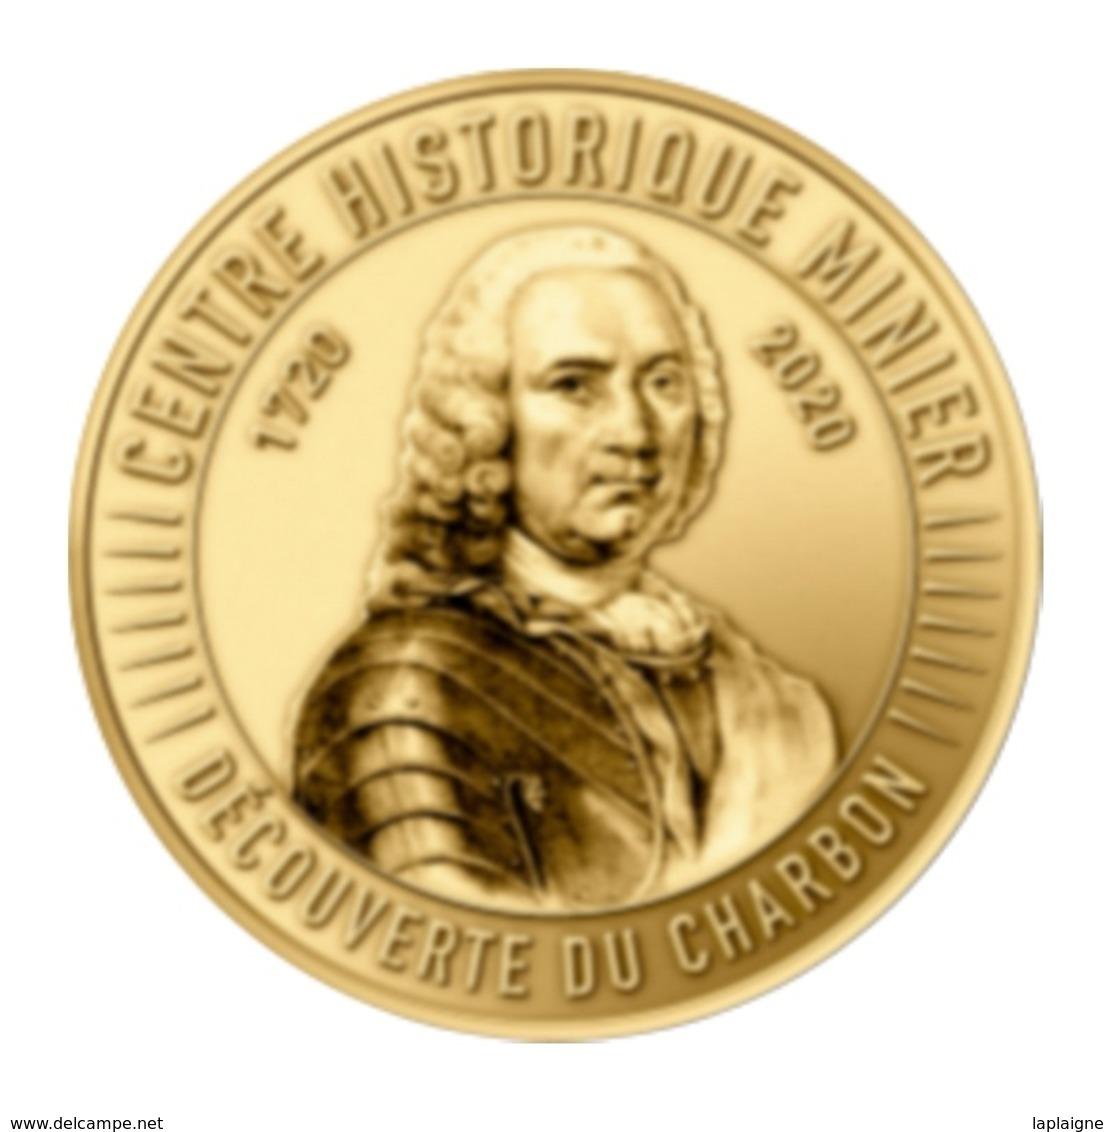 Monnaie De Paris , 2019 , Lewarde , Centre Historique Minier , Découverte Du Charbon , 1720-2020 - Monnaie De Paris